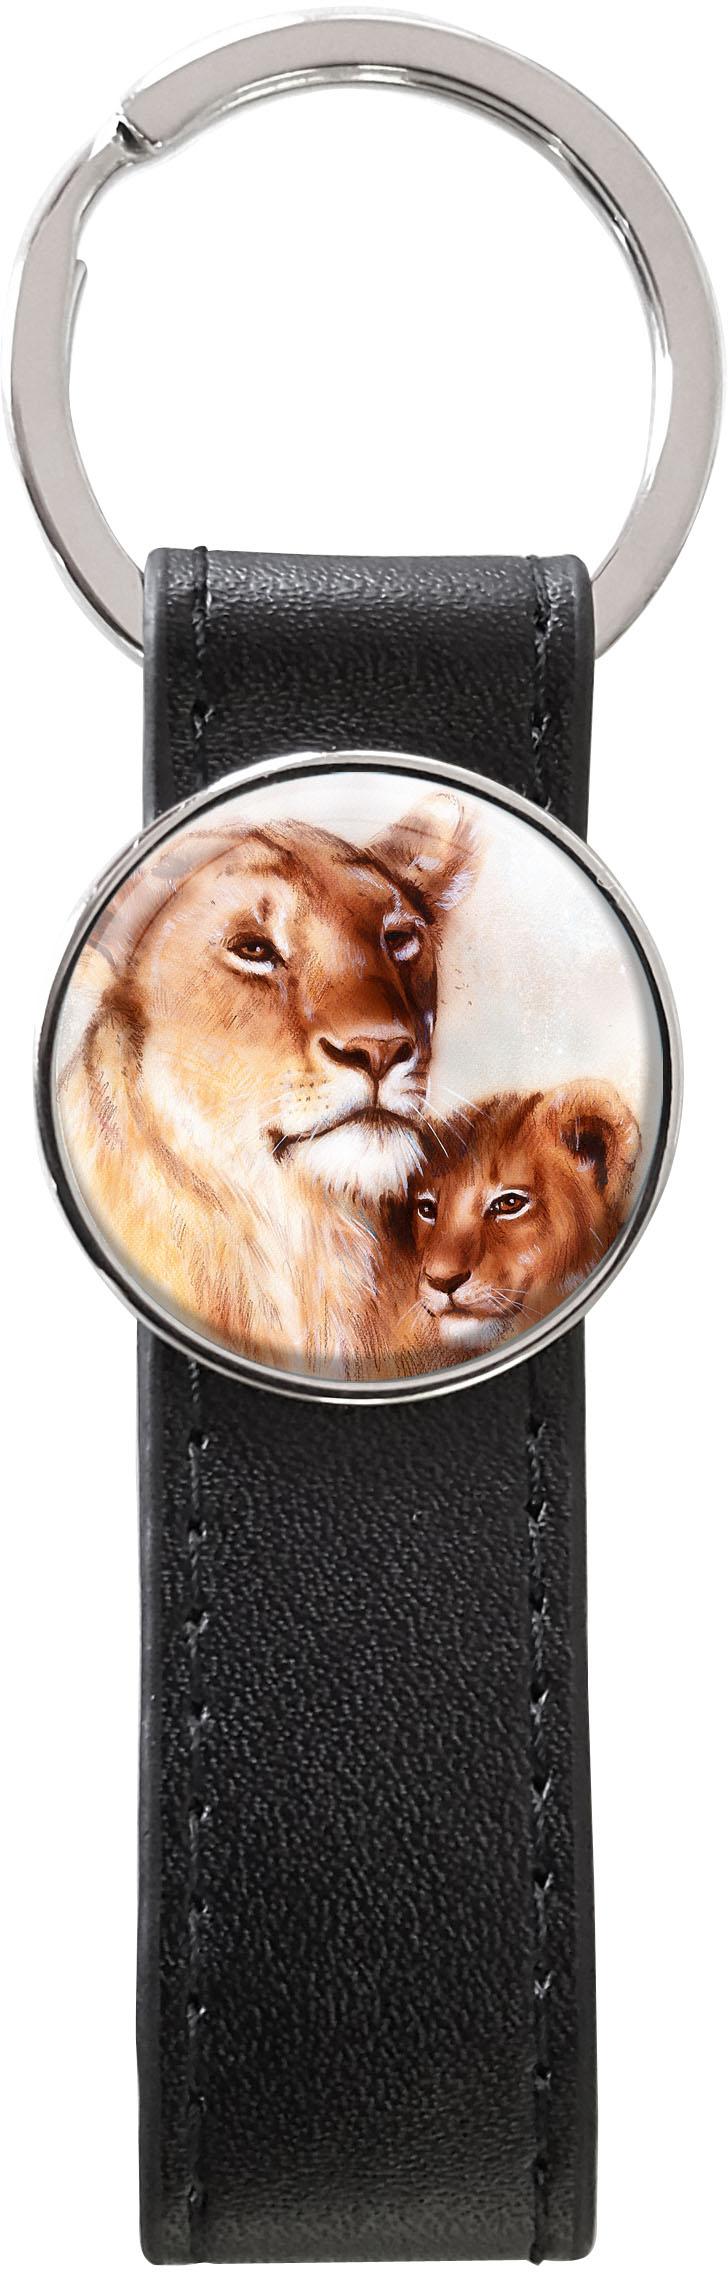 Schlüsselanhänger PU - Leder / Löwen / Raubtiere / Wildkatzen